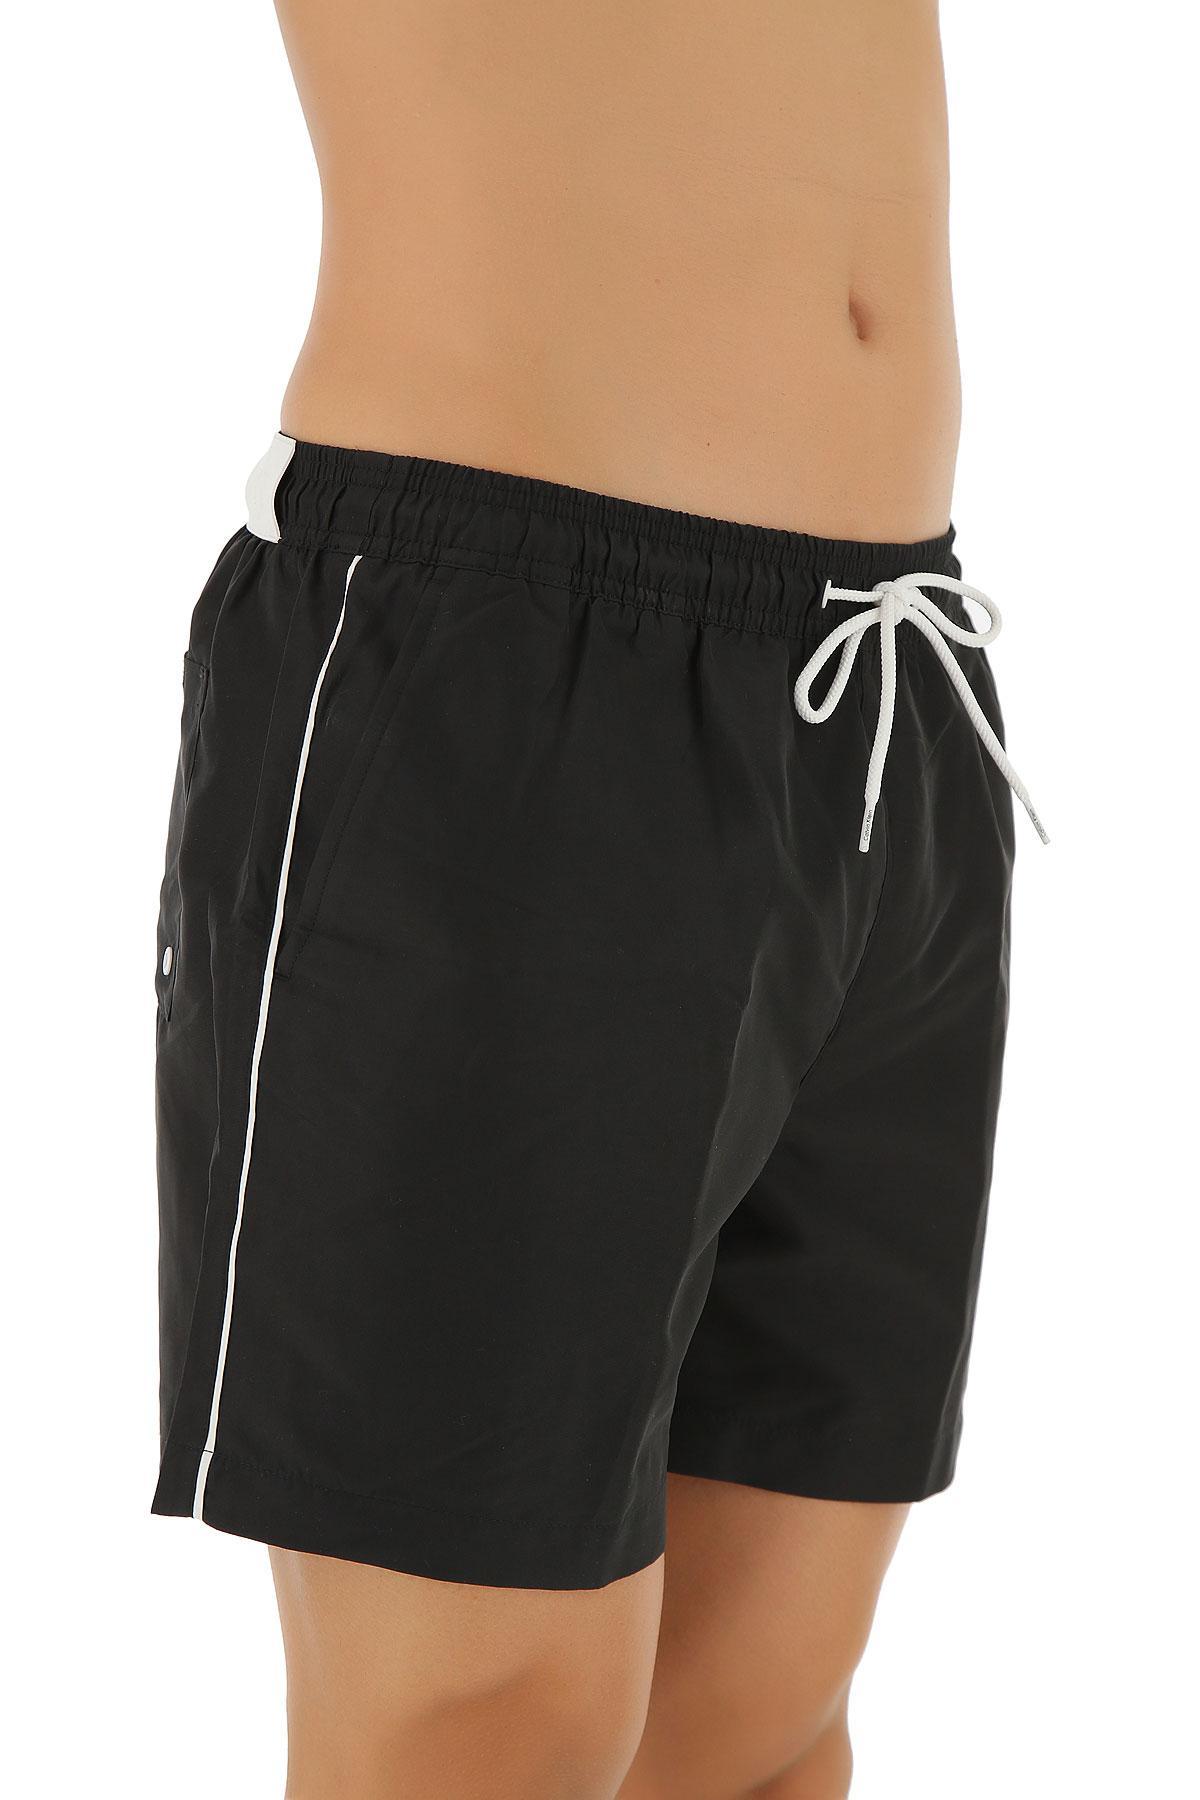 4a7e0699a5 Calvin Klein - Black Swim Shorts Trunks For Men for Men - Lyst. View  fullscreen